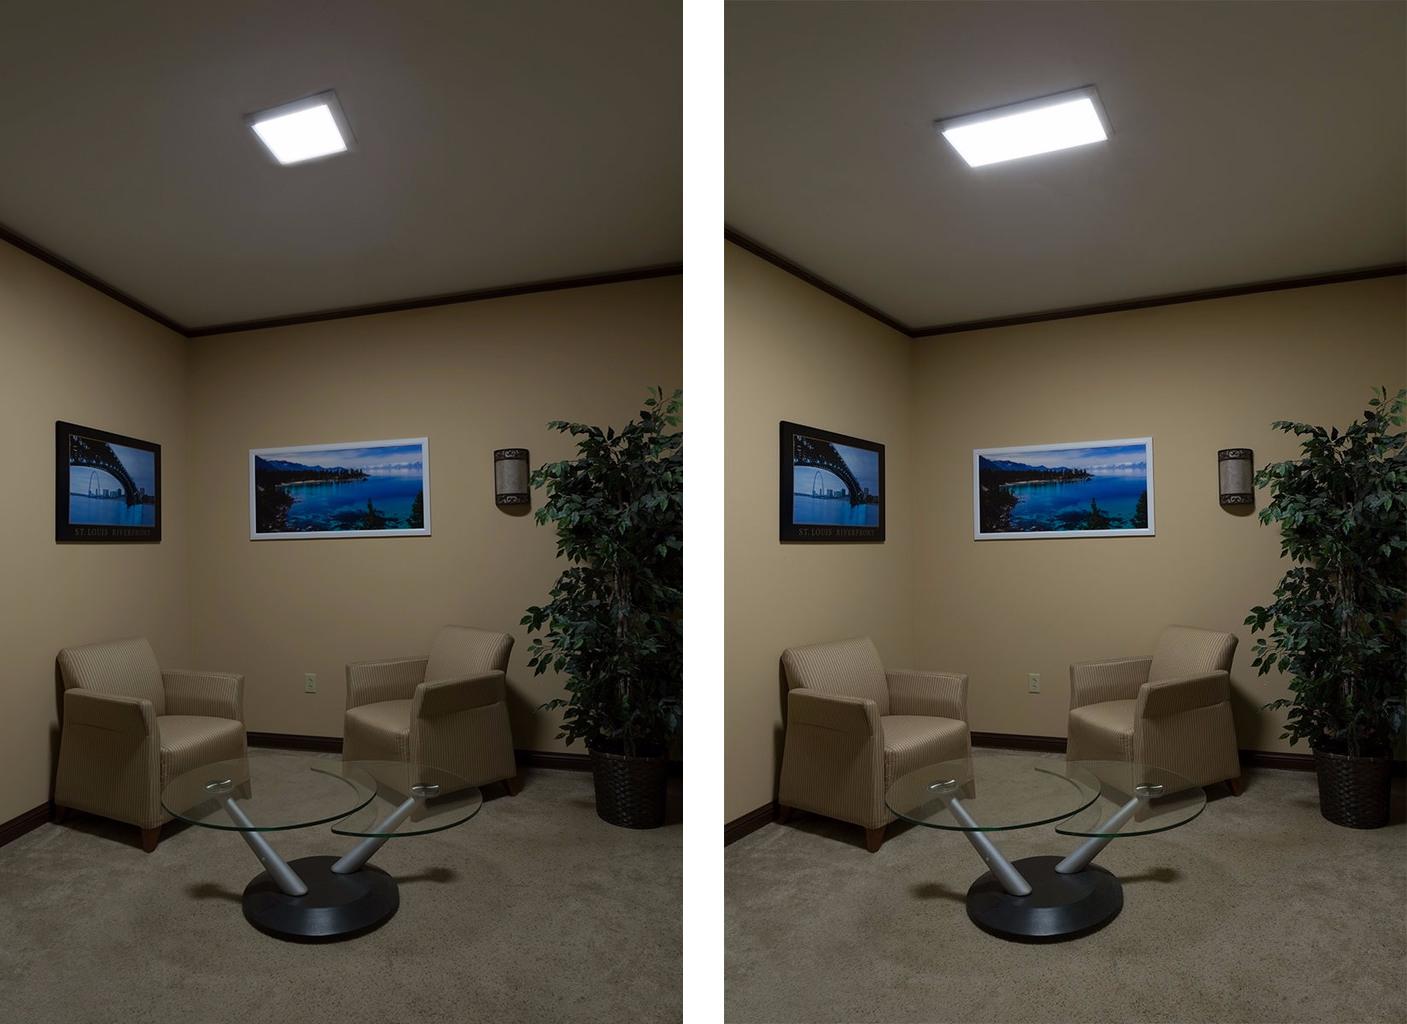 flush-mount led panel lights - ceiling lights